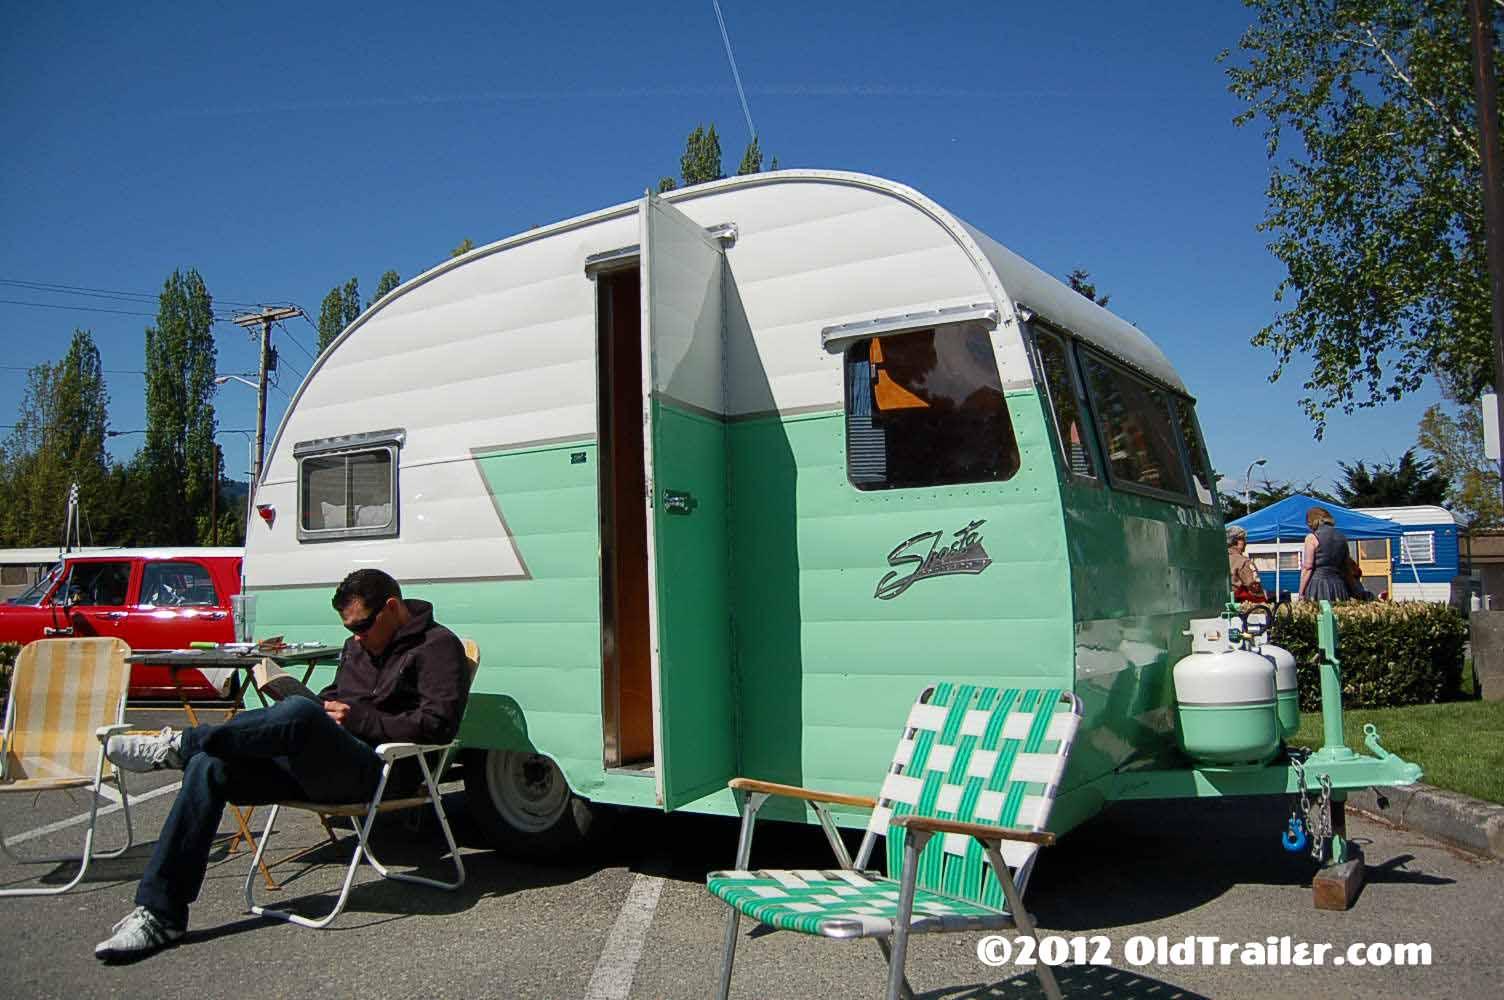 Freshly restored 1956 shasta travel trailer